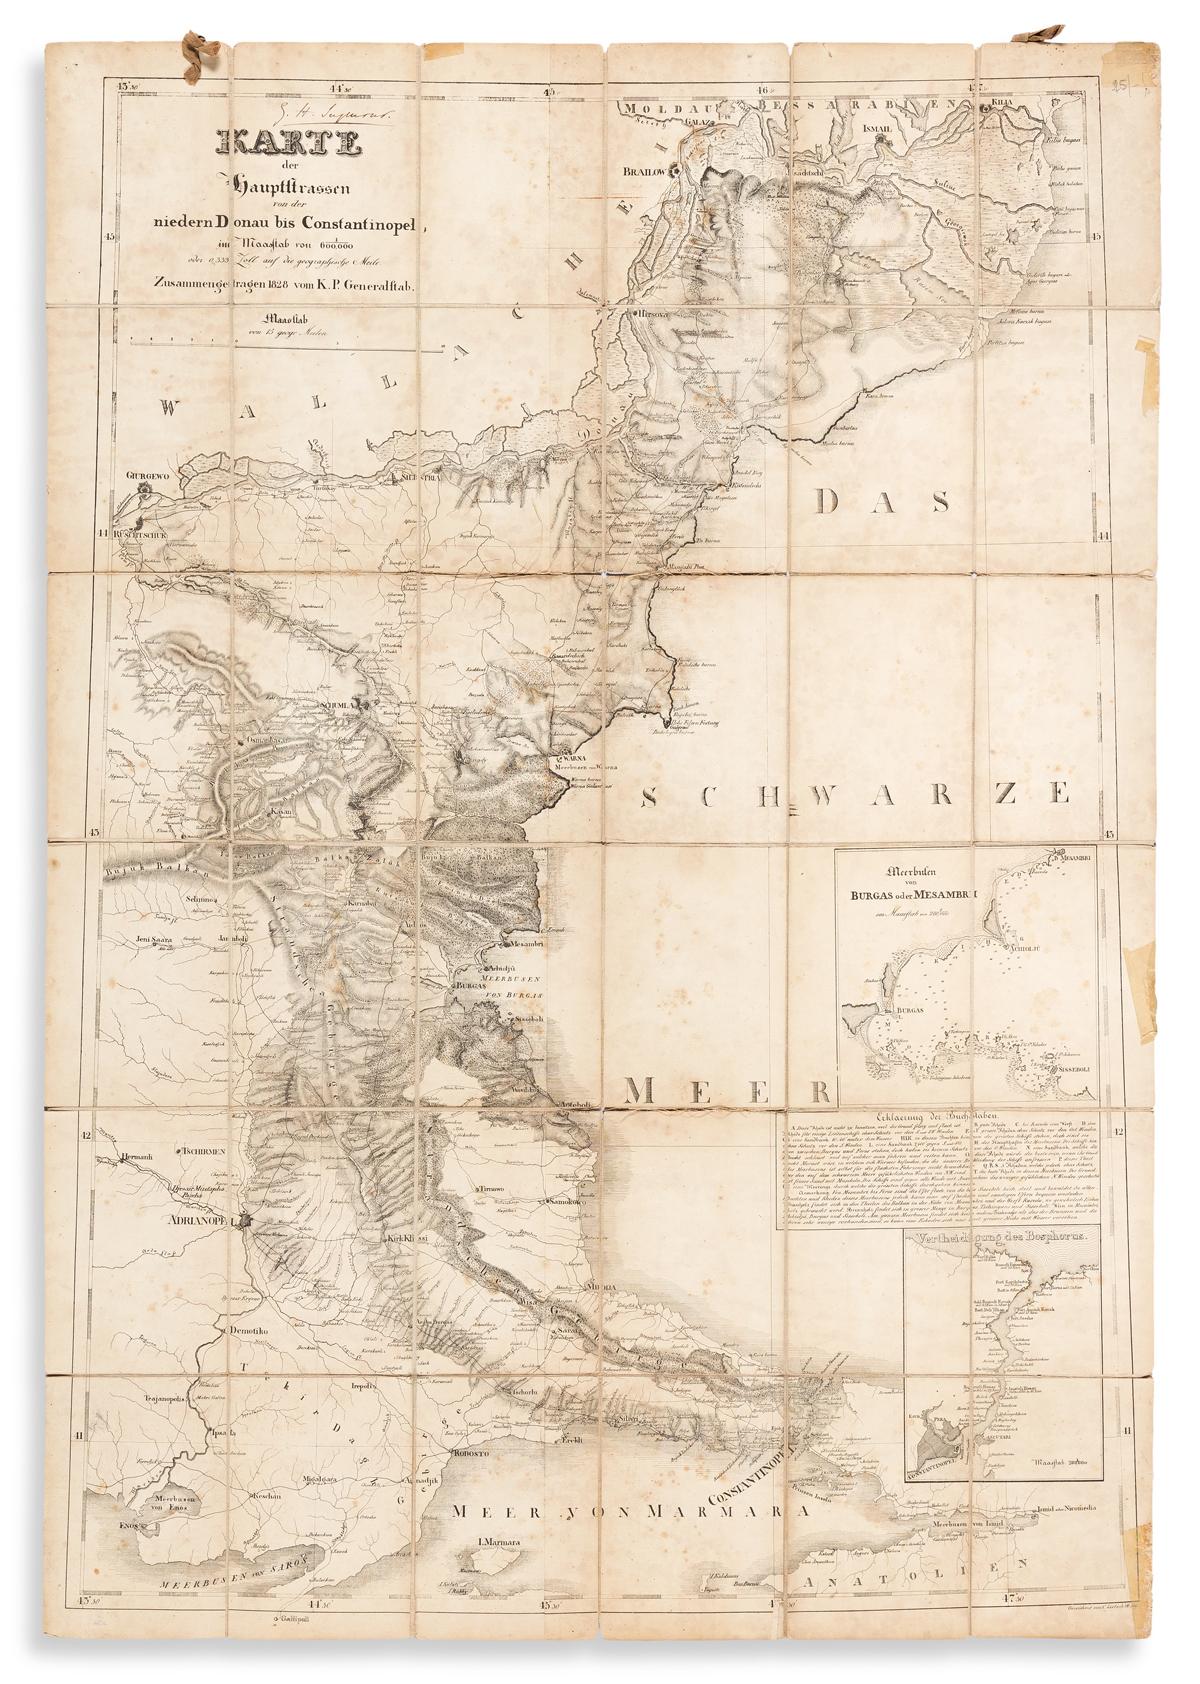 (BLACK SEA.) C. Zirbeck, for the Prussian General Staff. Karte der Hauptstrassen von der Niedern Donau bis Contantinopel.